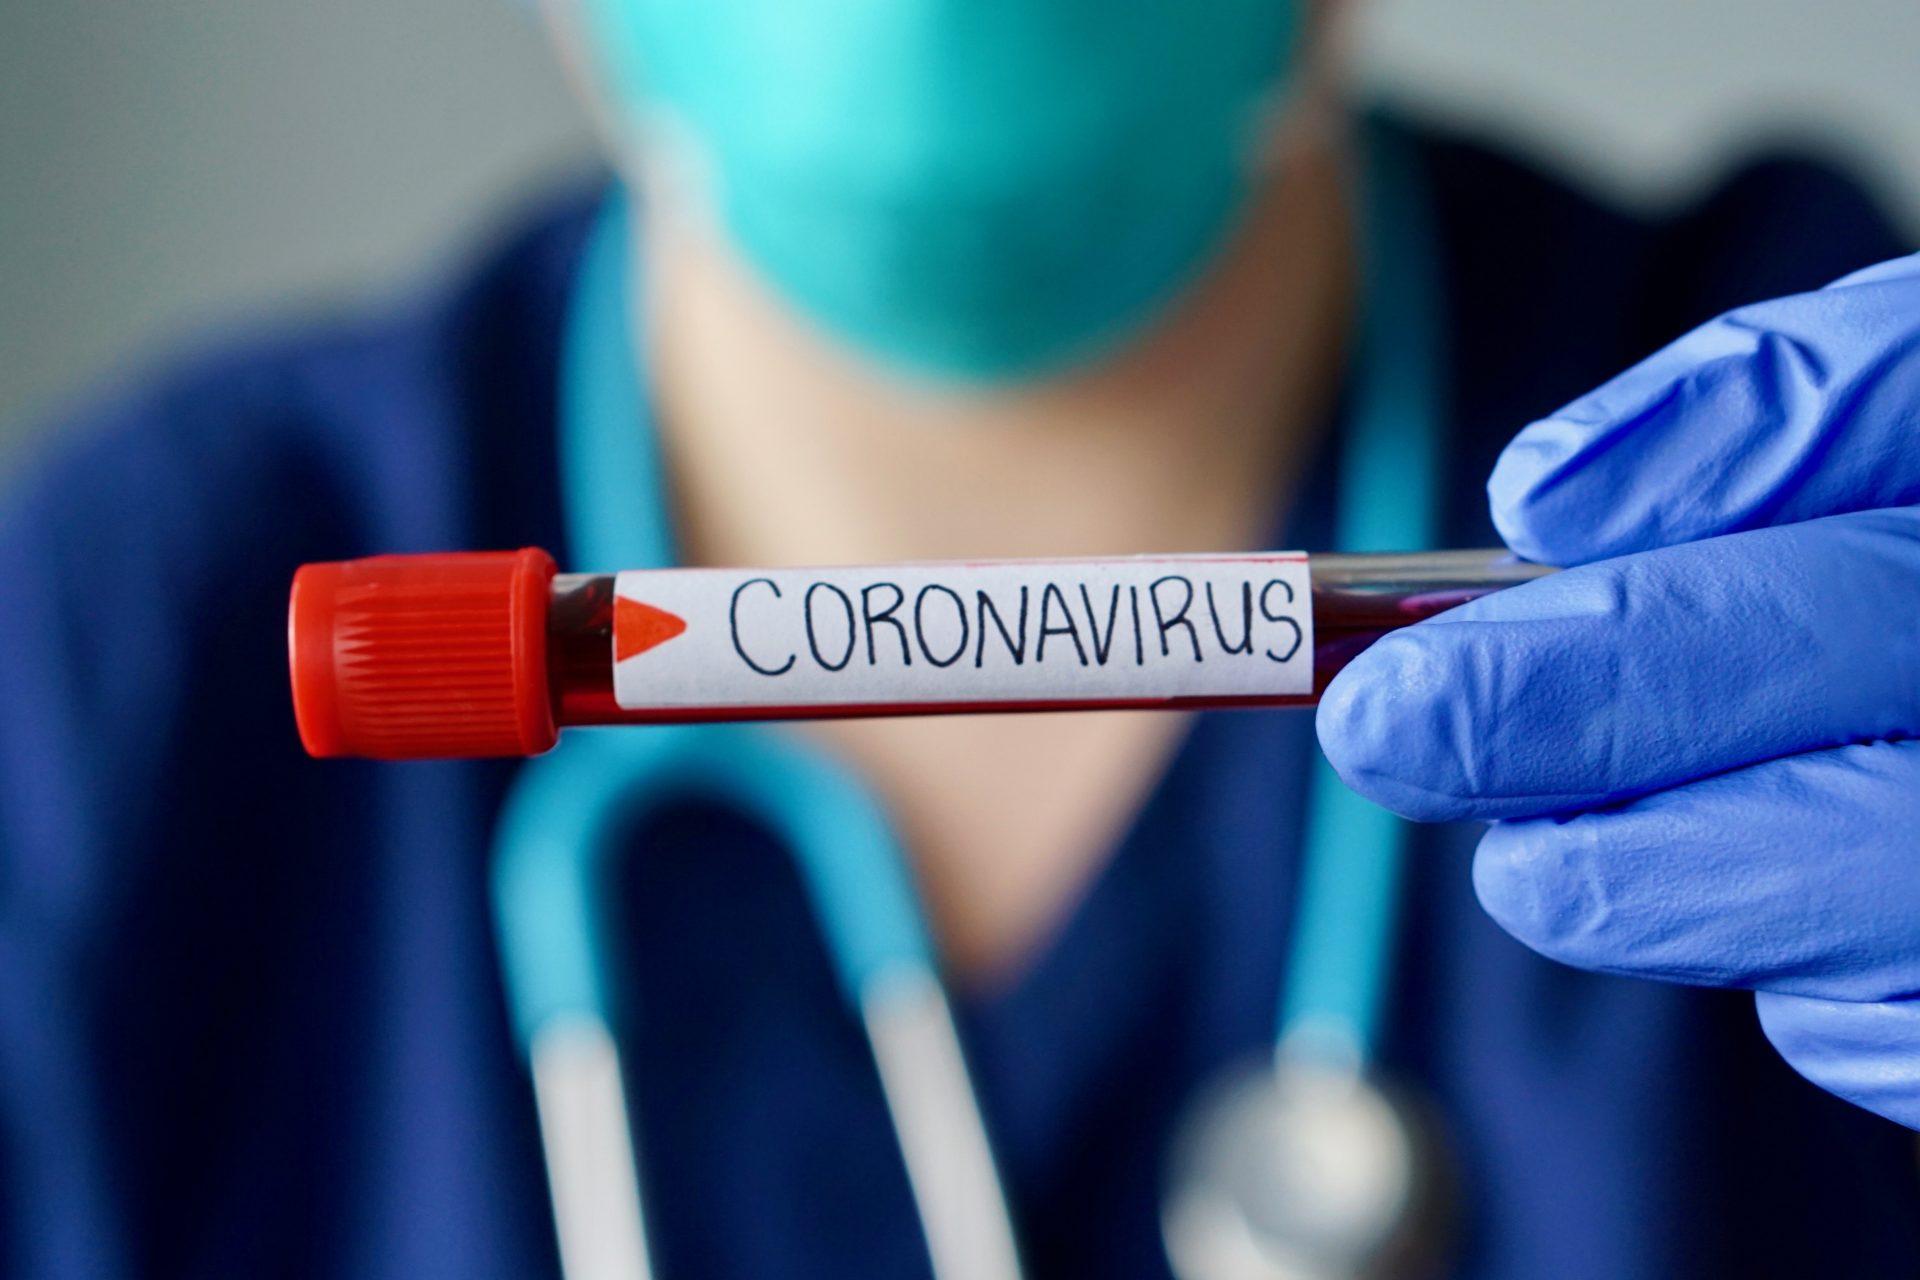 Deux émissions spéciales sur le coronavirus à TV5 les 9 et 11 mars 2020